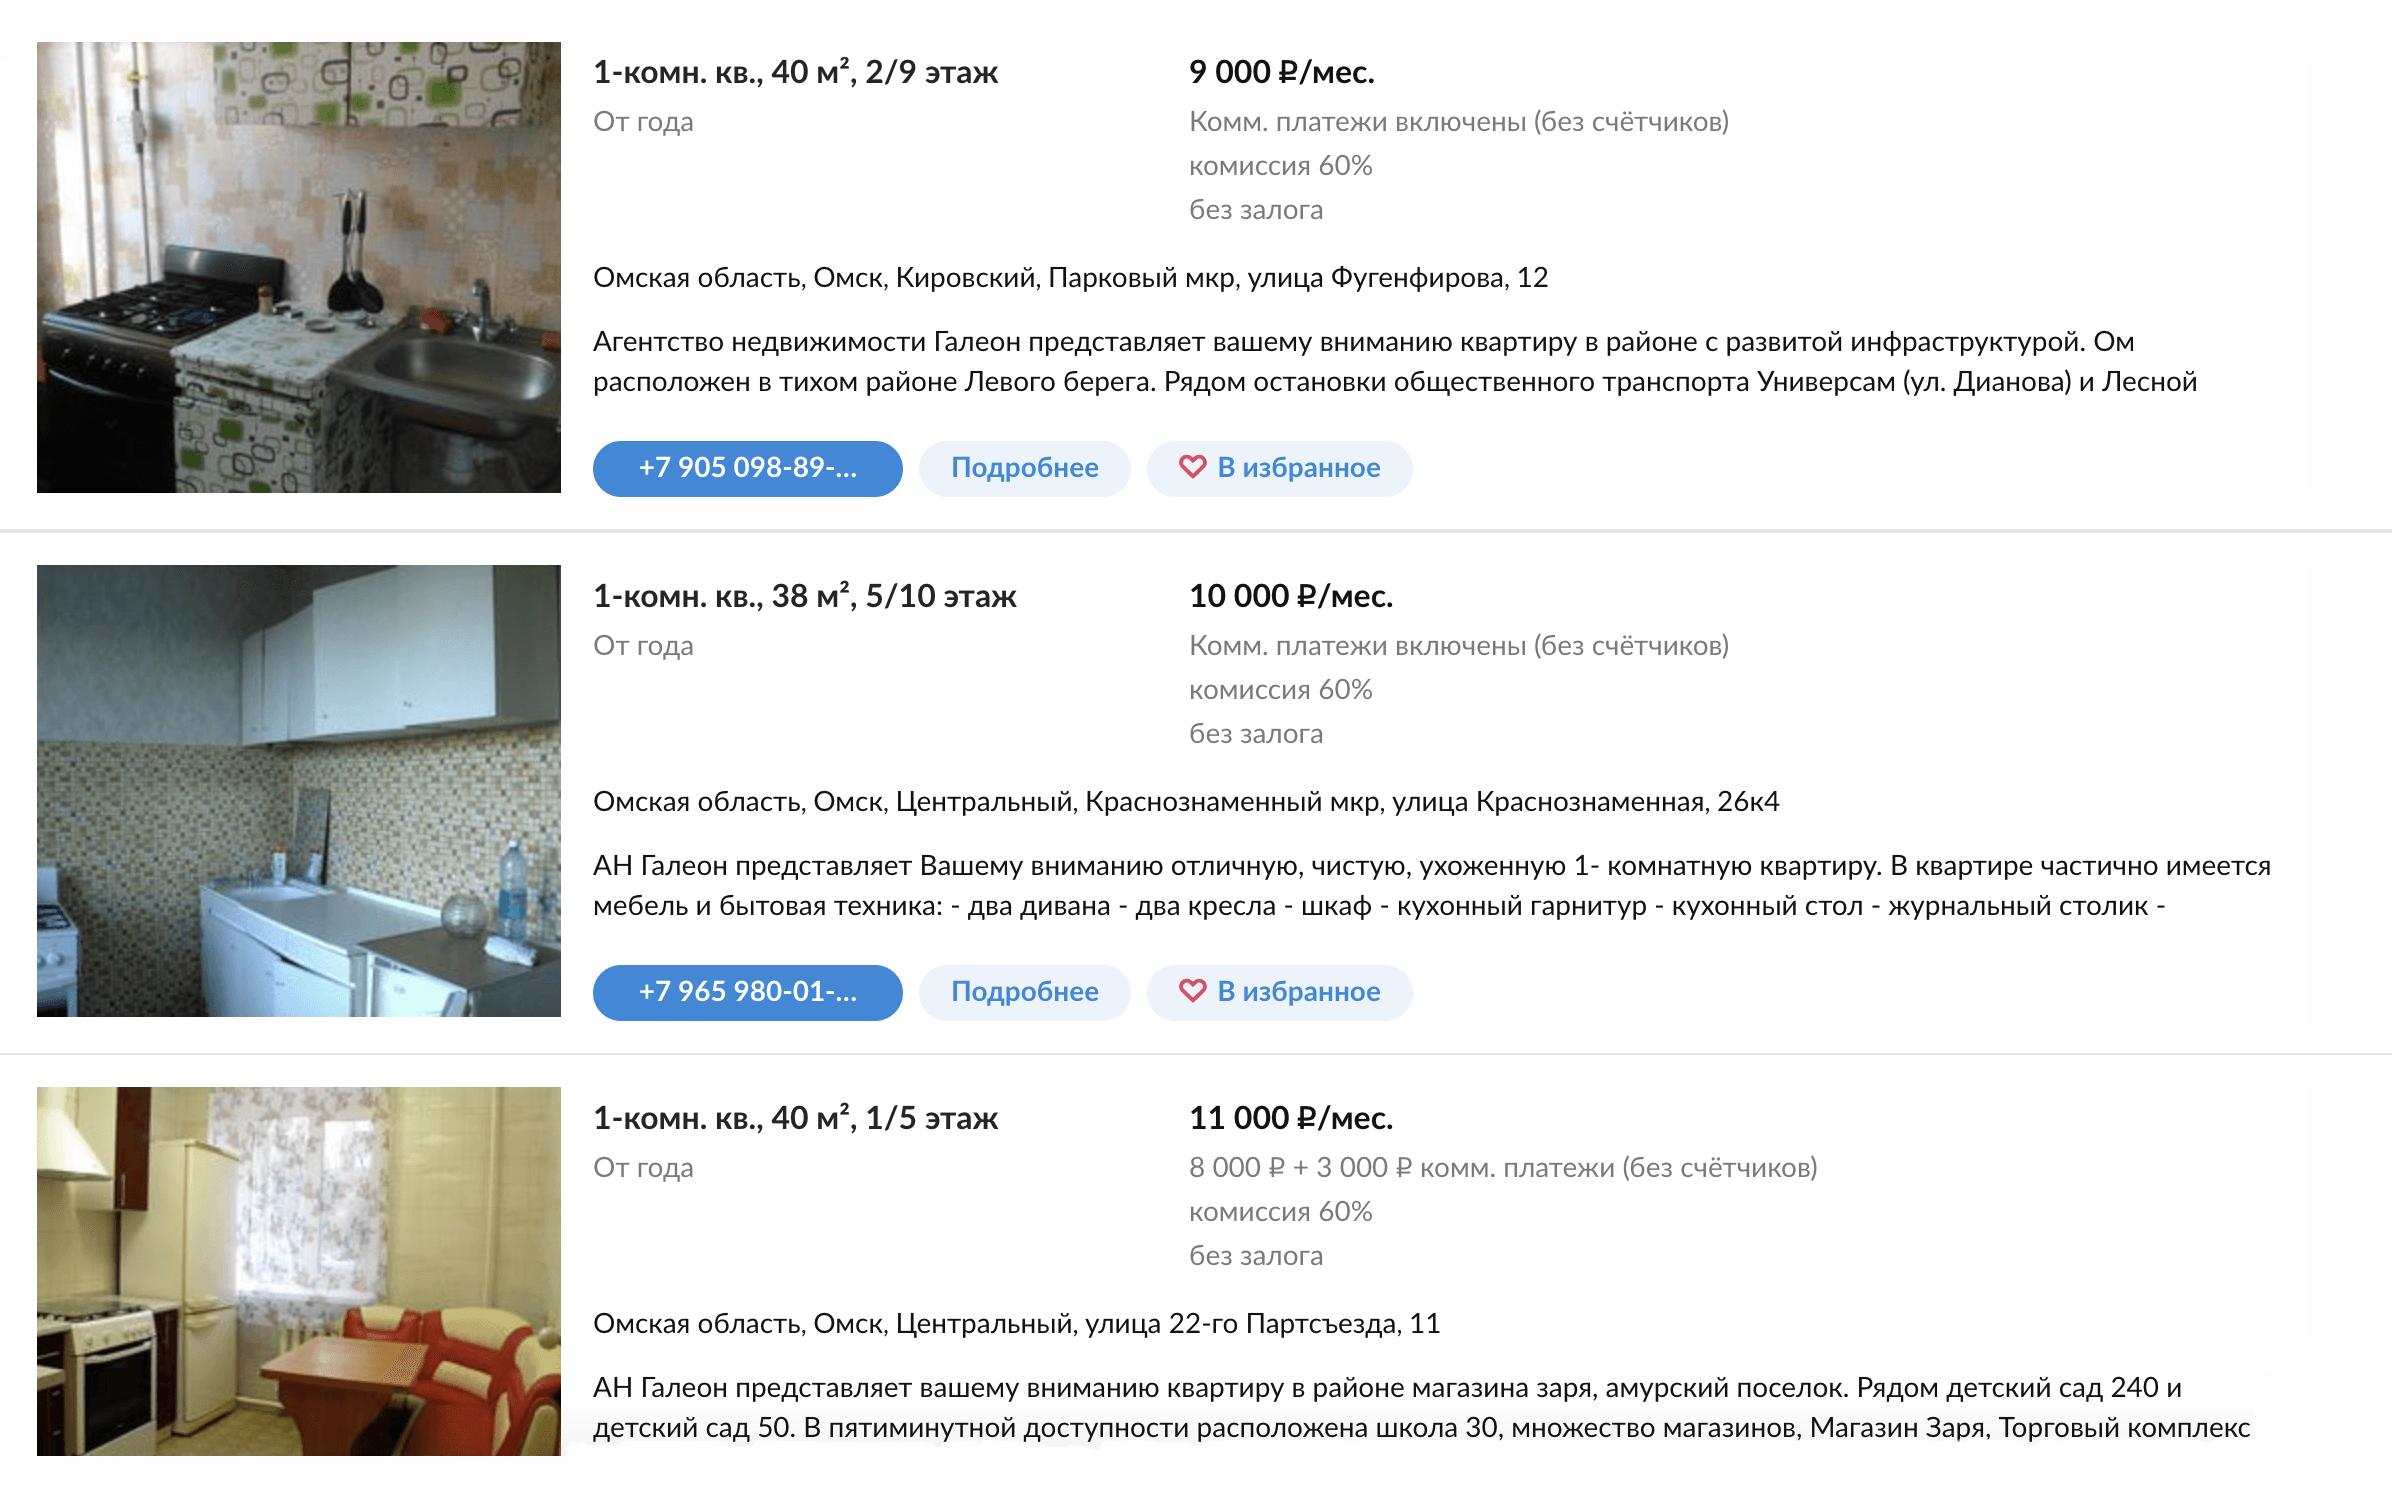 Подборка предложений аренды однокомнатных квартир. Цены не превышают 11 000 рублей с коммуналкой